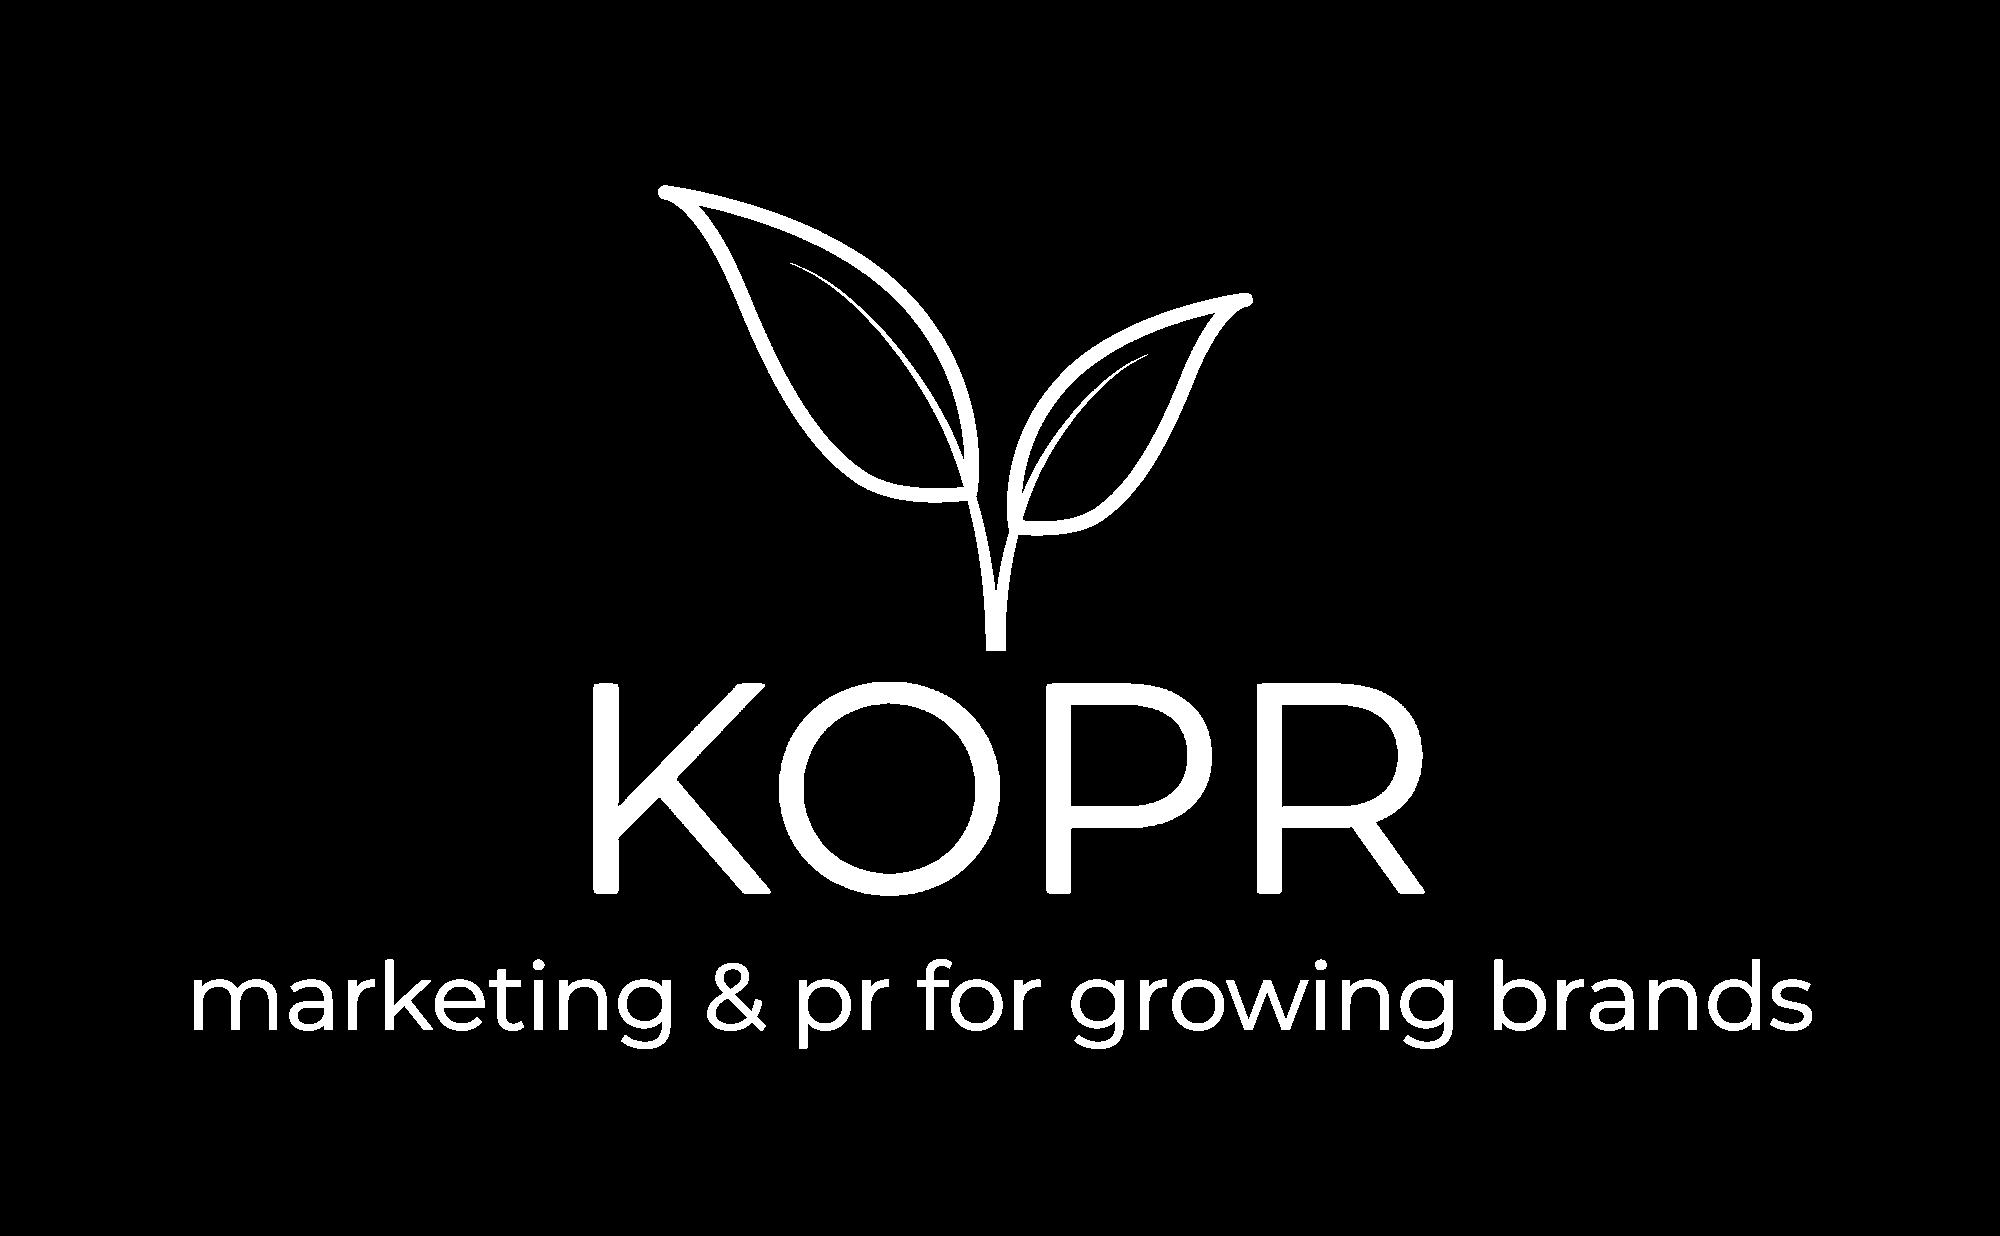 KOPR-logo-white (1).png